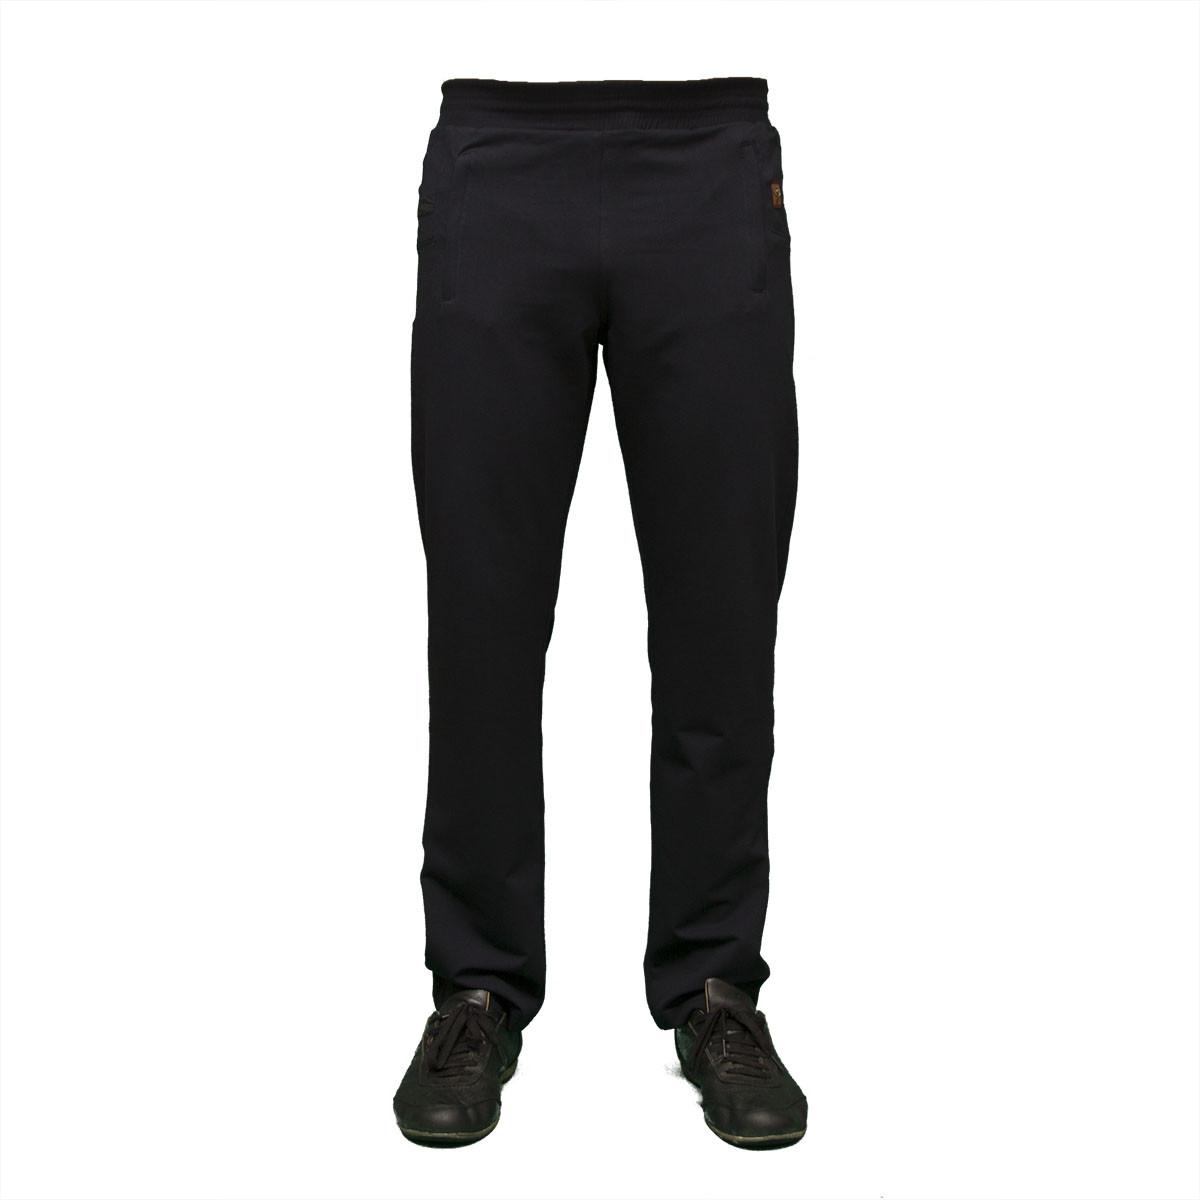 Спортивные брюки Турция ускачи  тм. FORE  9303